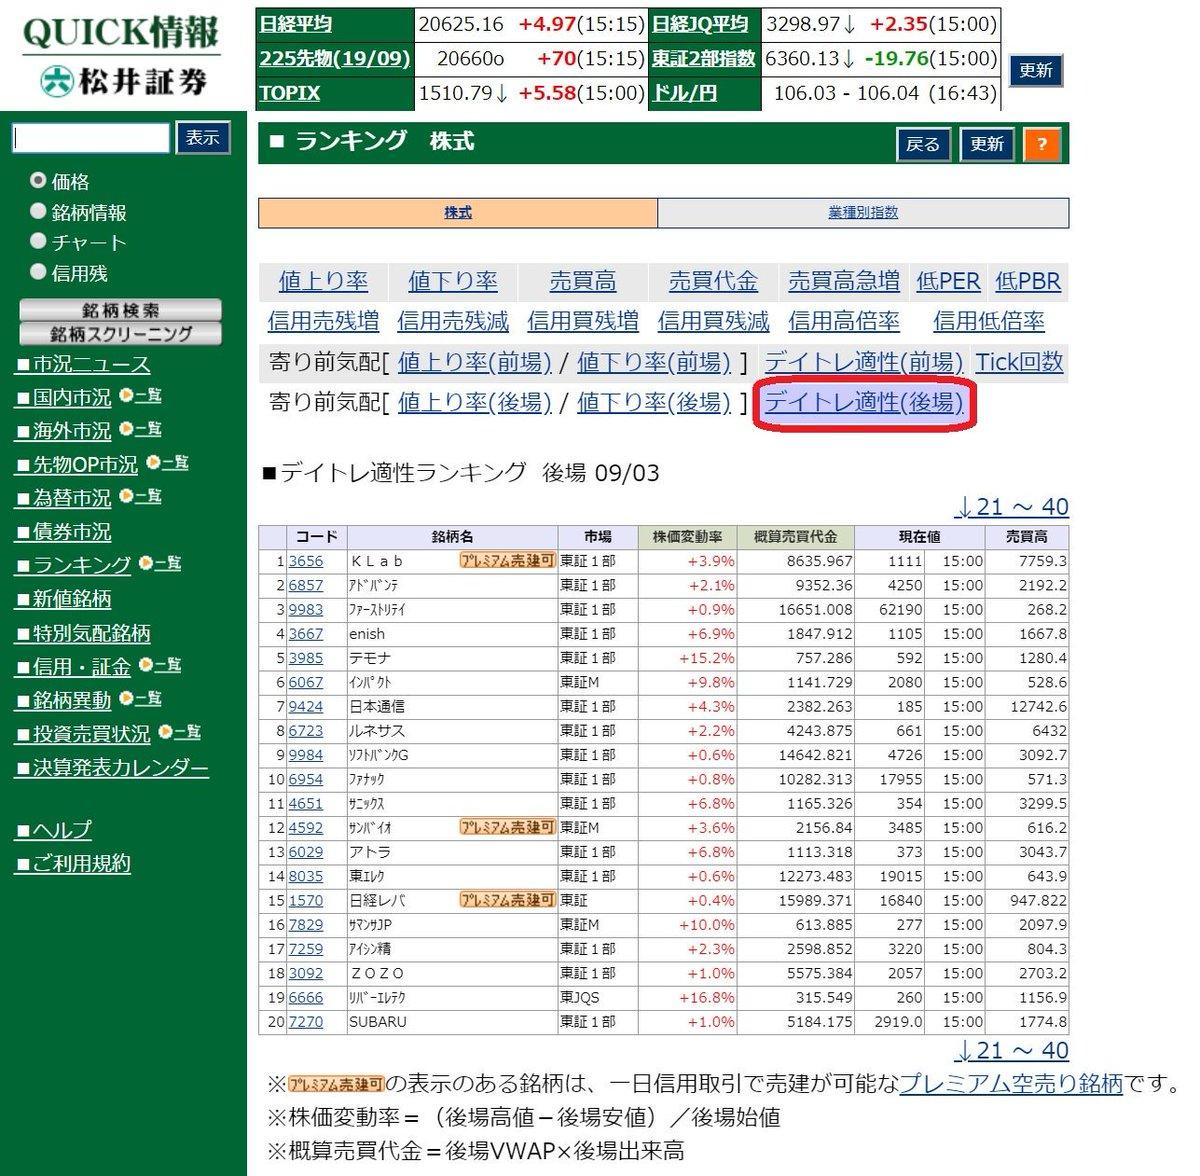 松井証券 ログイン